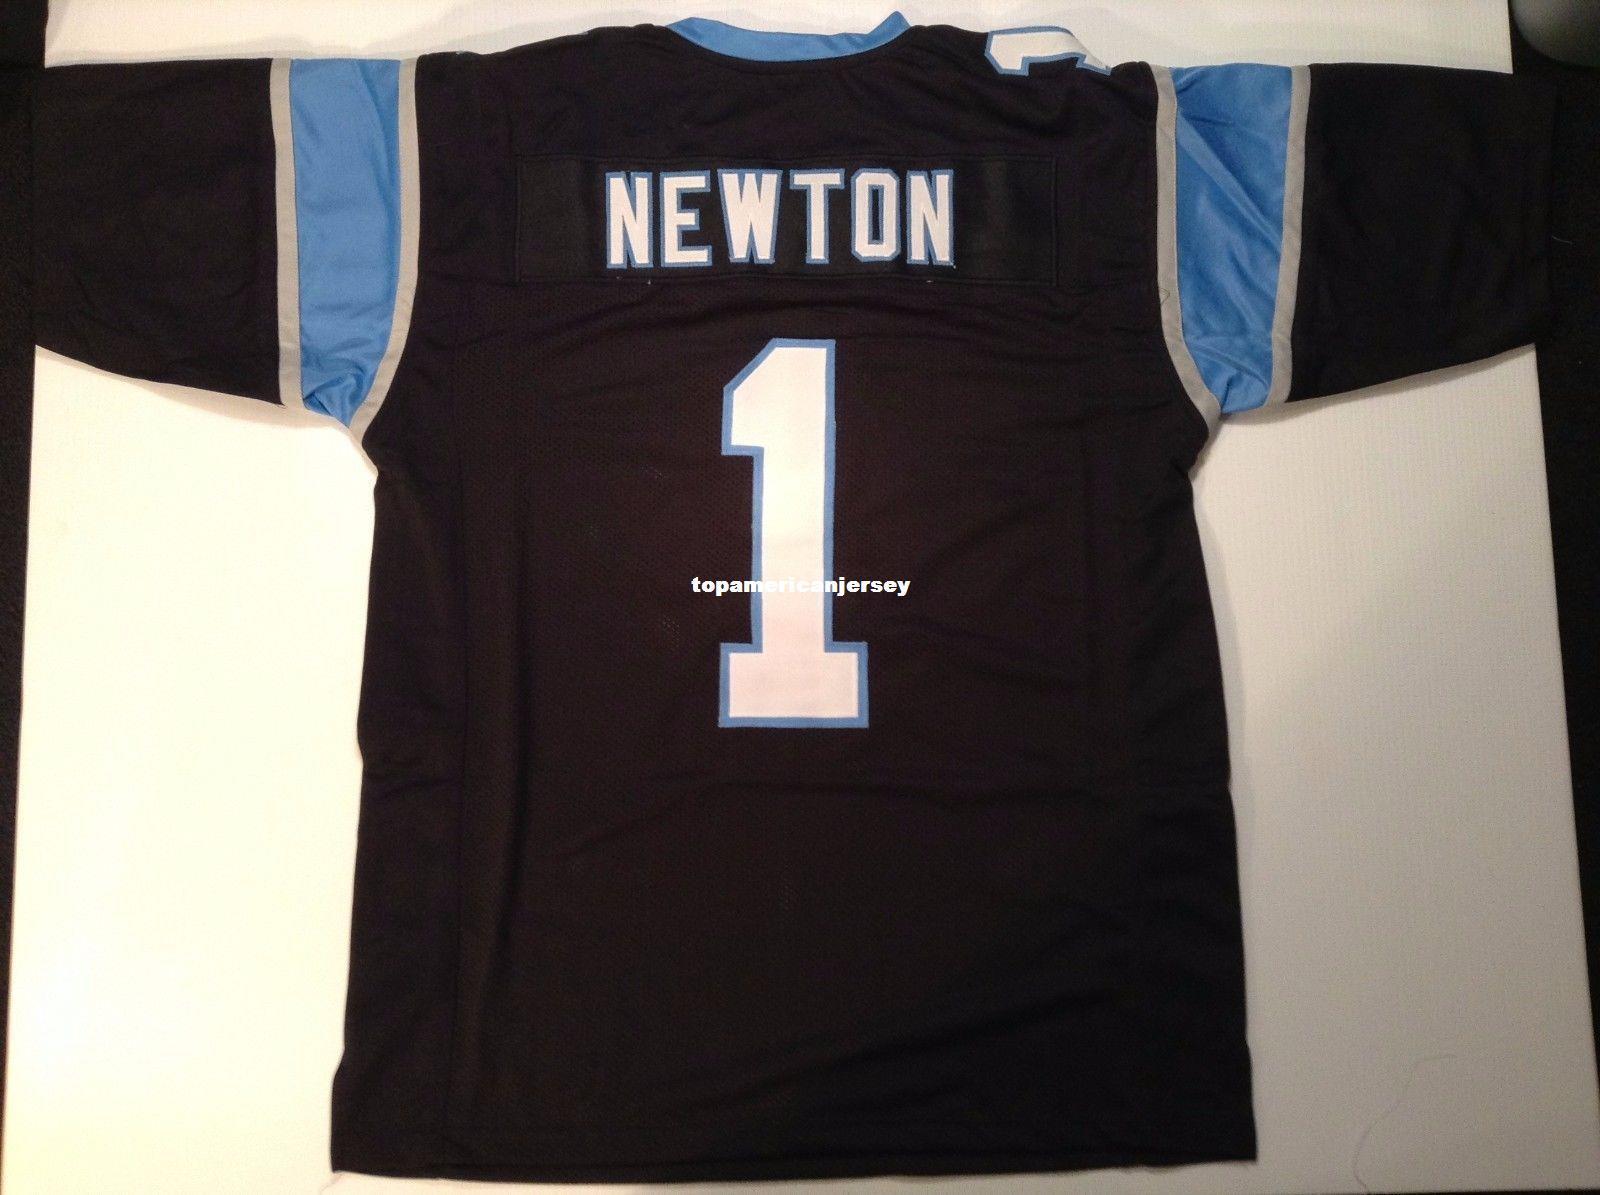 Costume retro Costurado Costurado # 1 Cam Newton Preto MITCHELL NESS Jersey Top S-5XL, 6XL Camisas de Futebol dos homens de Rugby